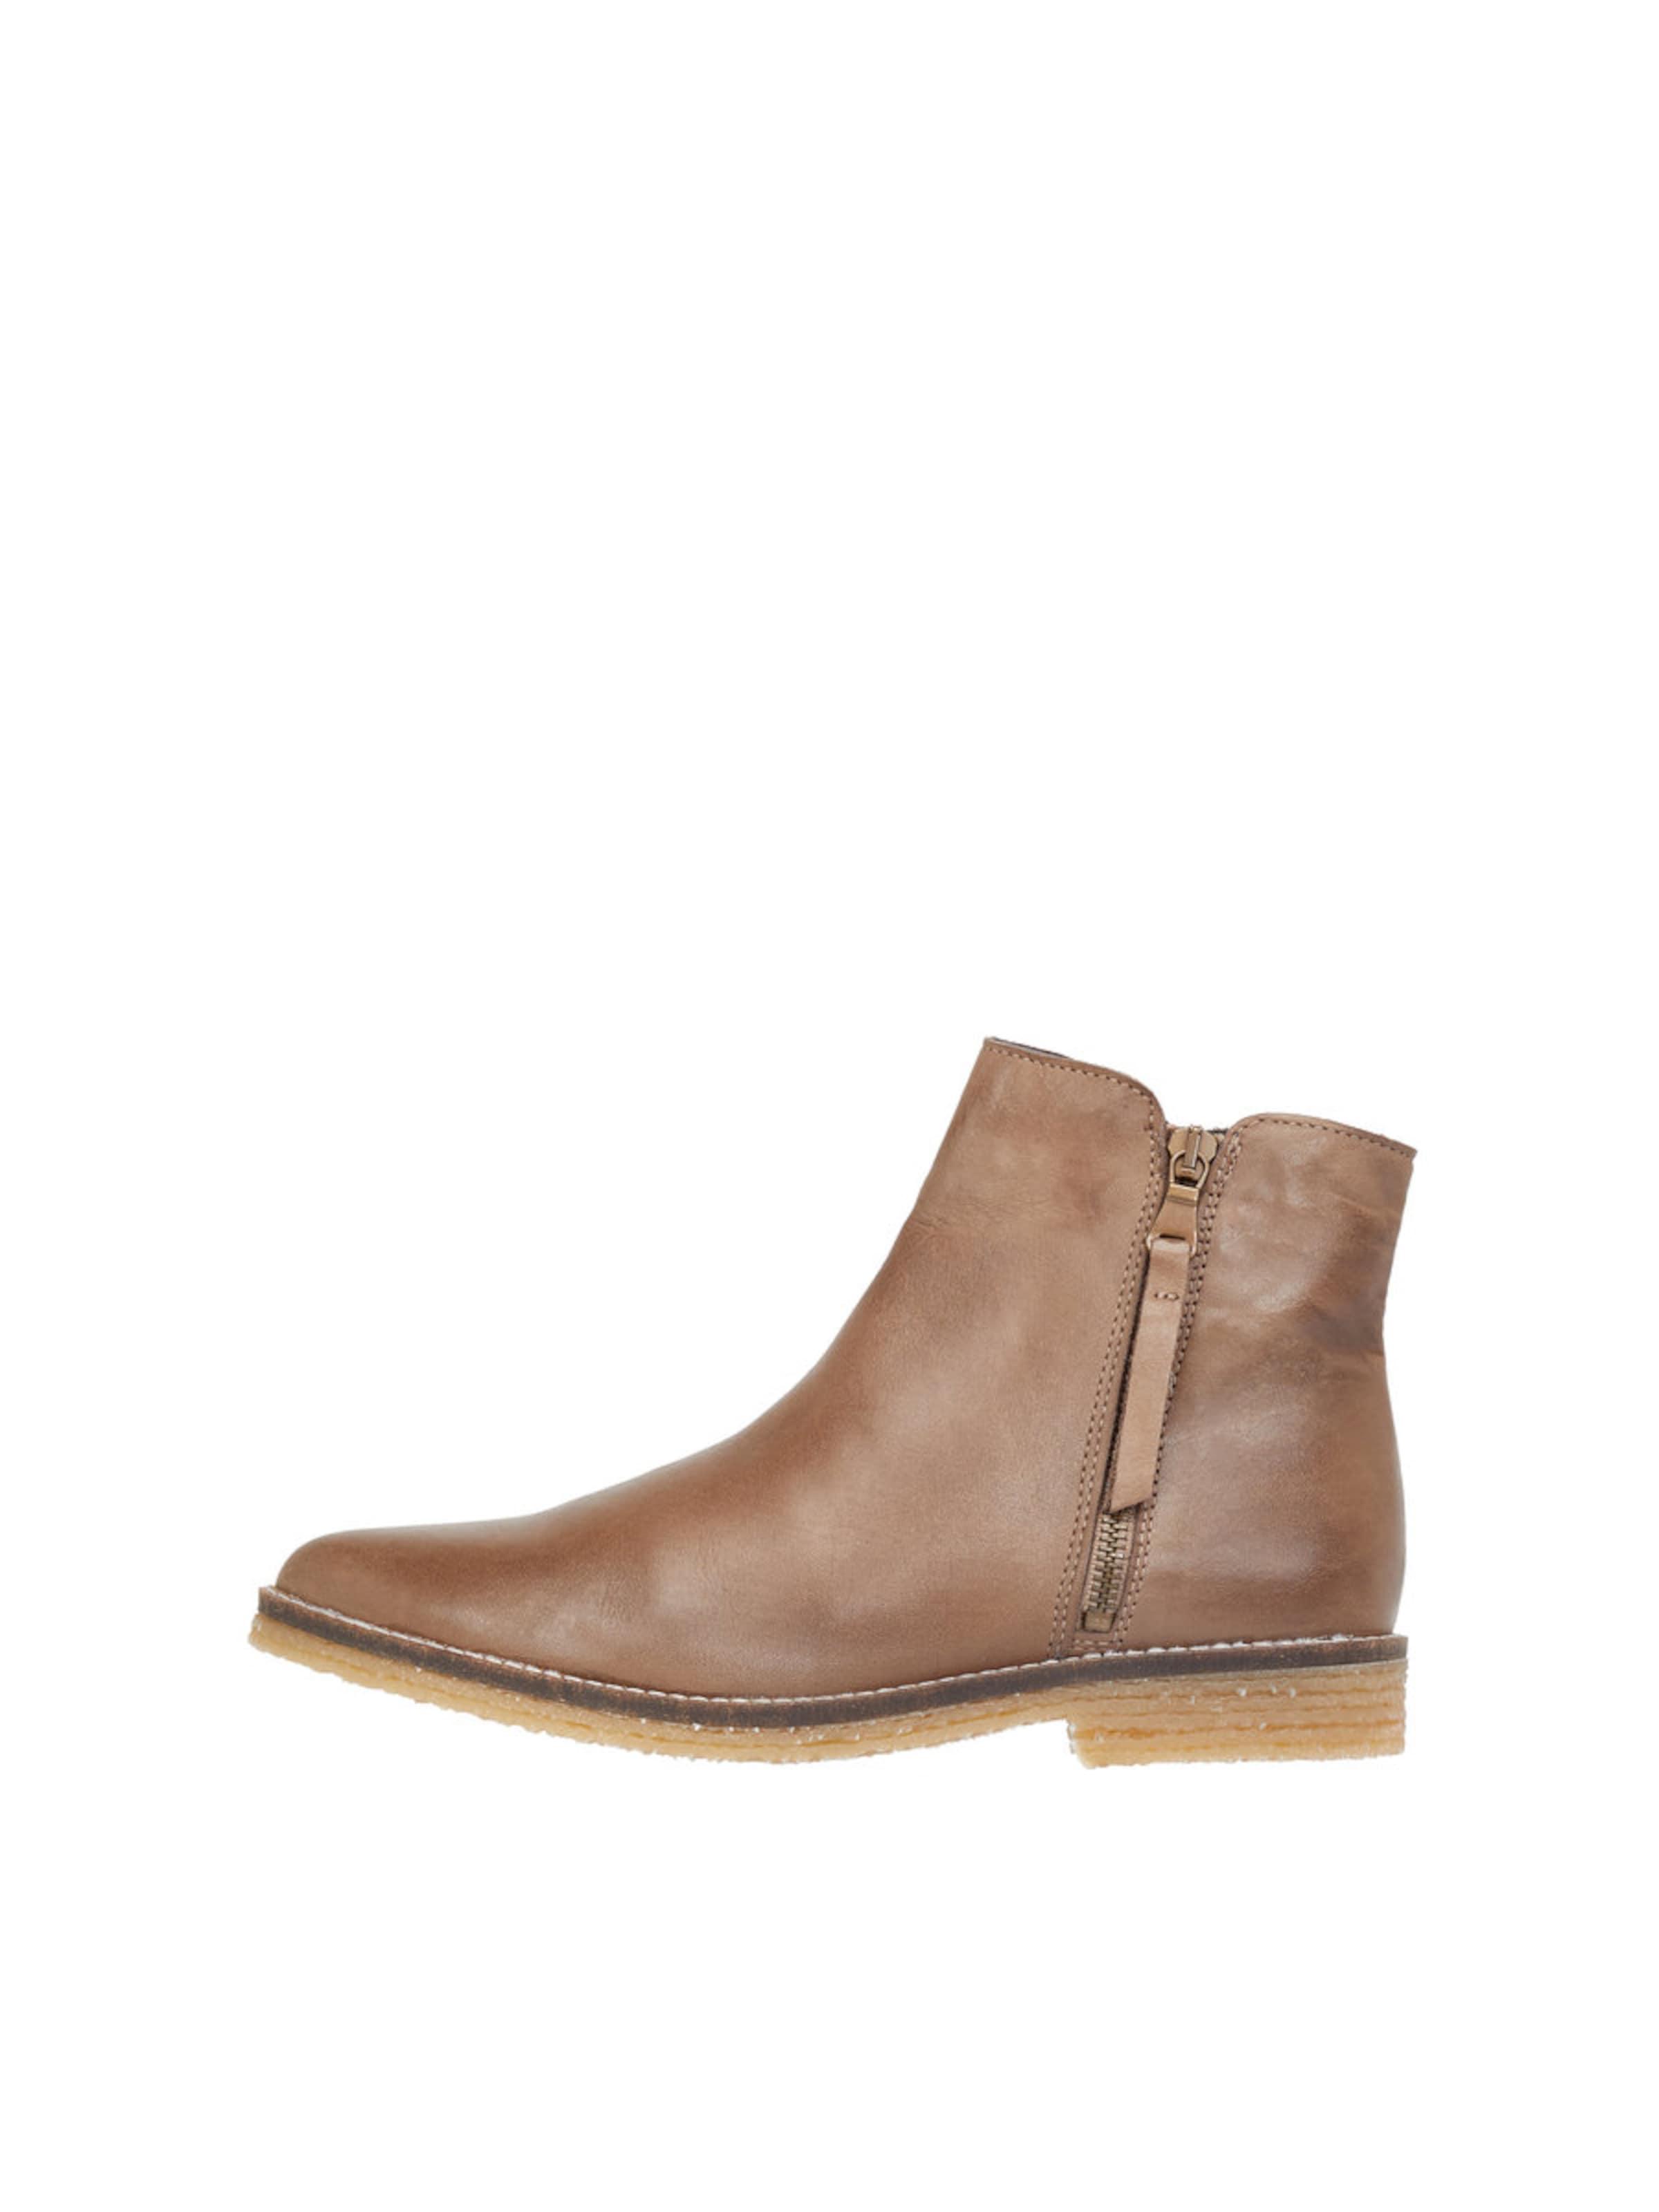 Bianco Doppel-Reißverschluss-Stiefel Verschleißfeste billige Schuhe Hohe Qualität